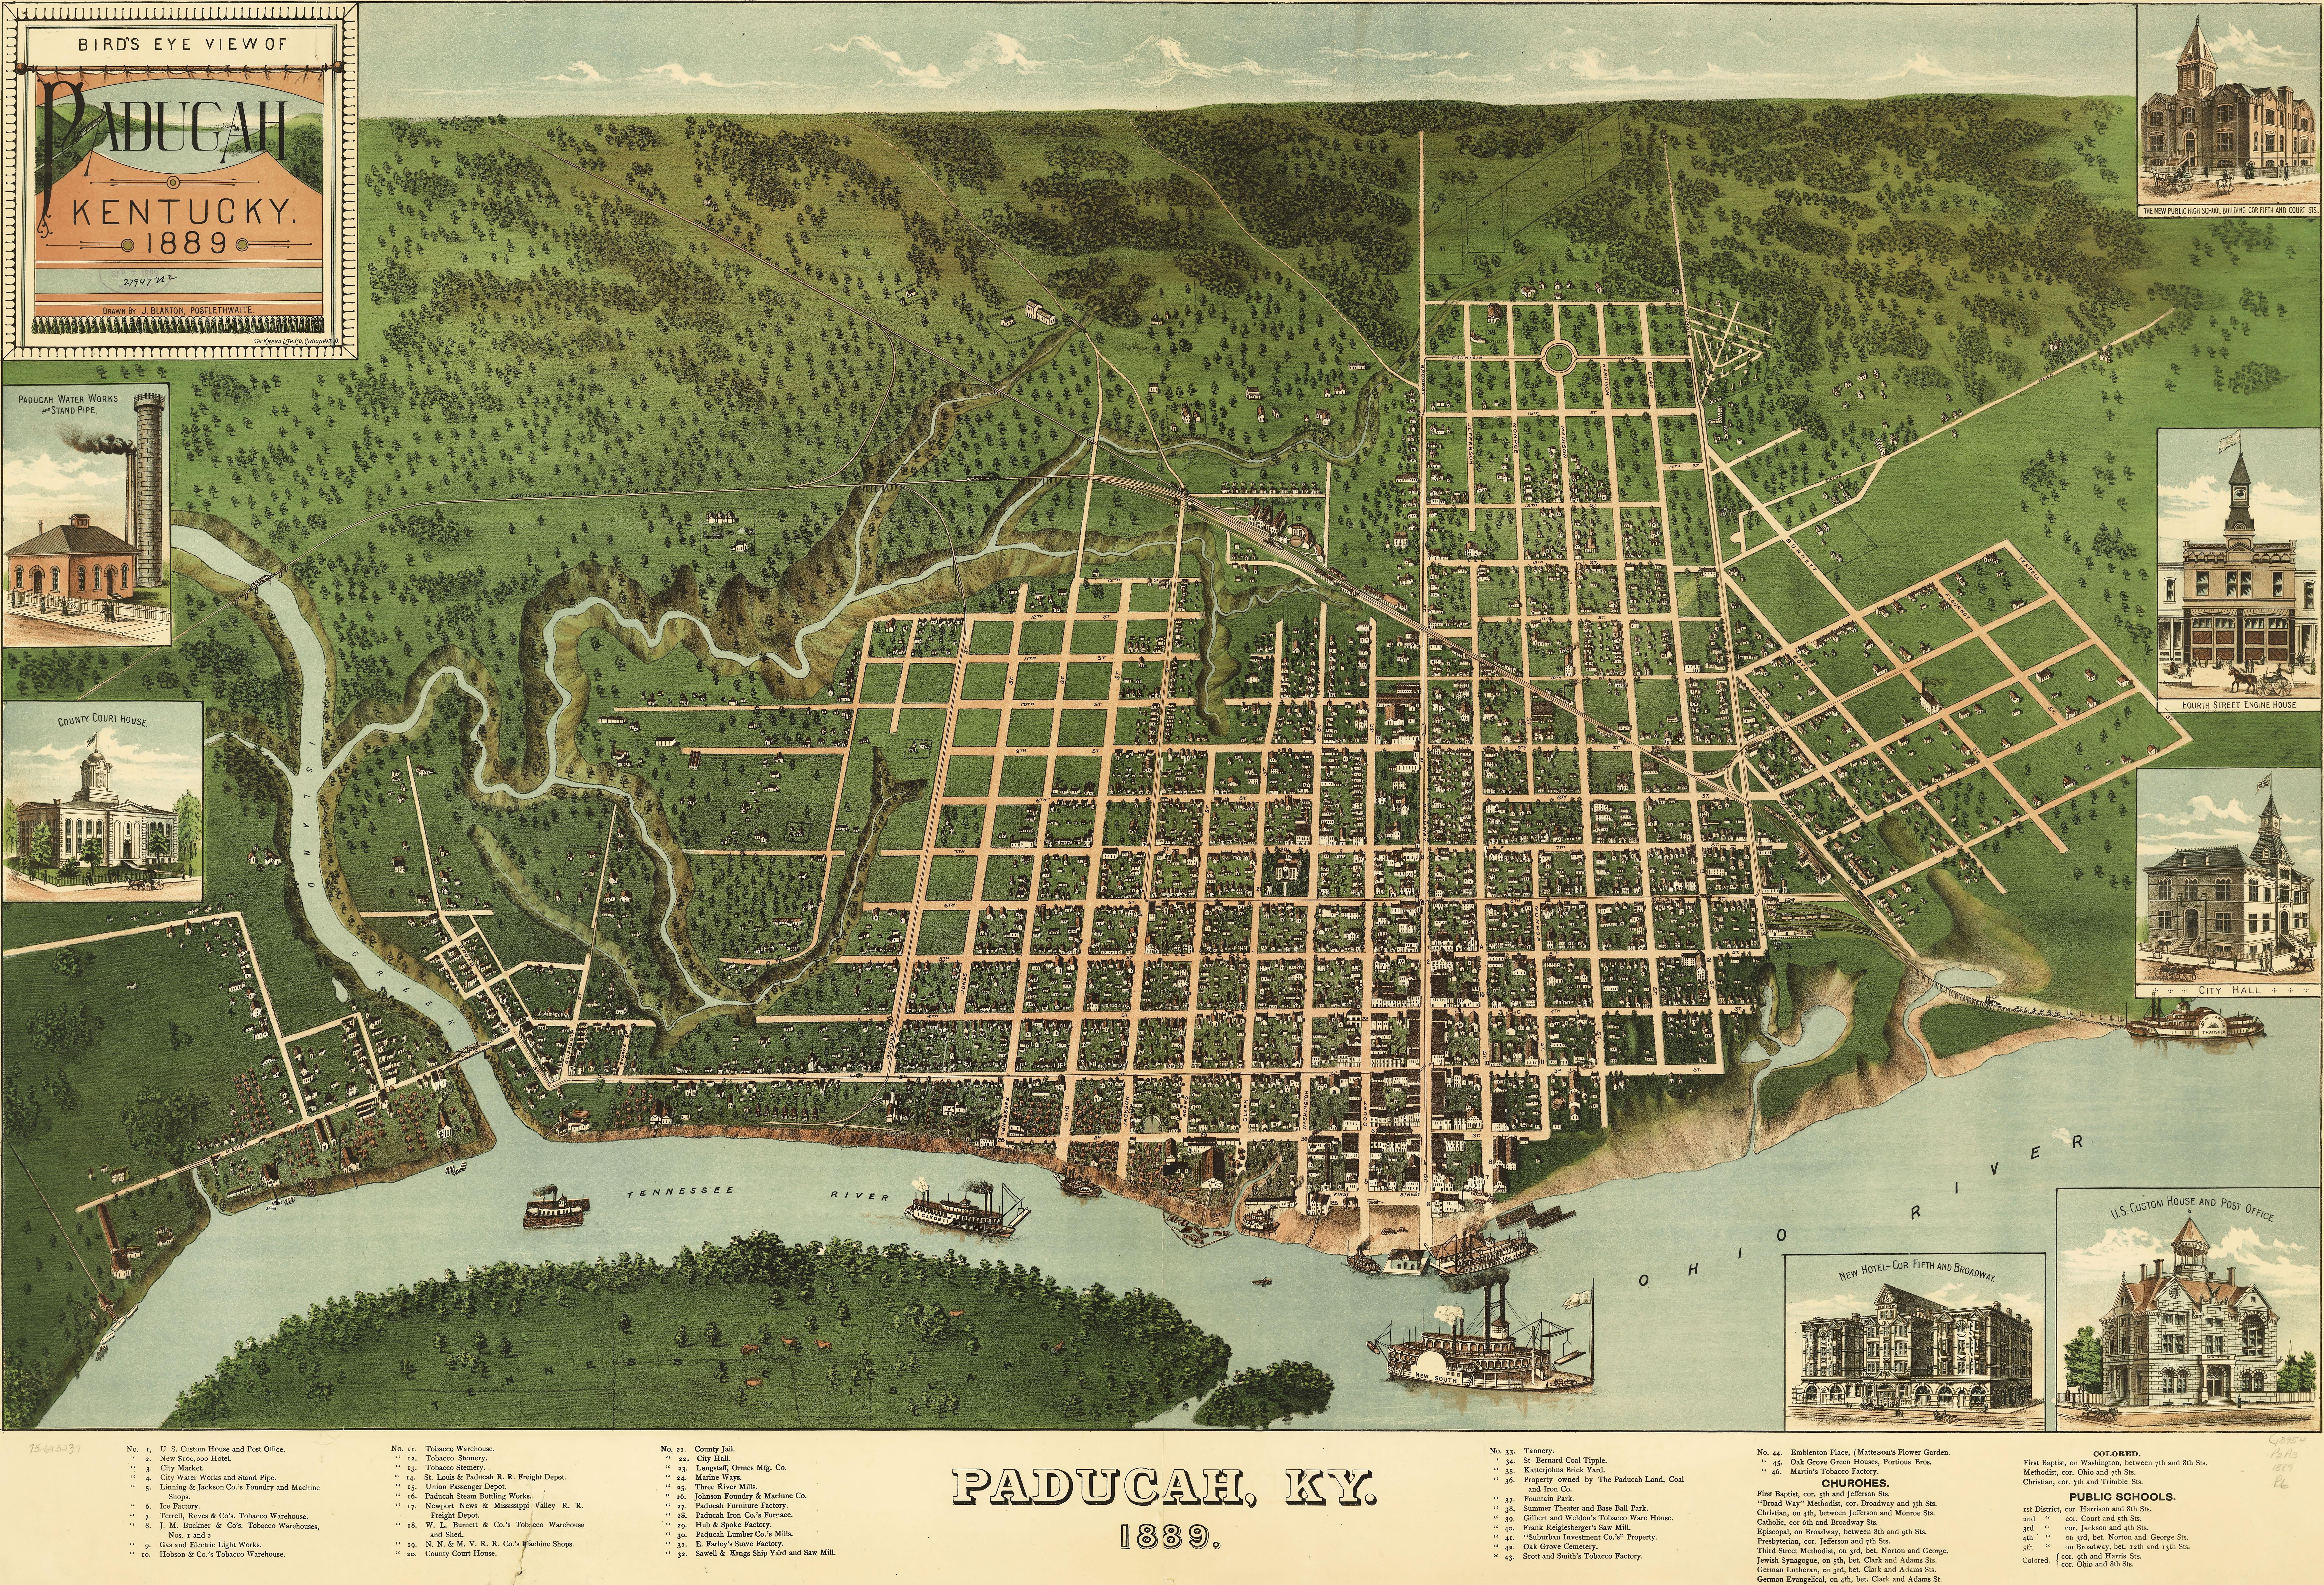 Birdseye View Of Paducah Kentucky - Paducah ky map